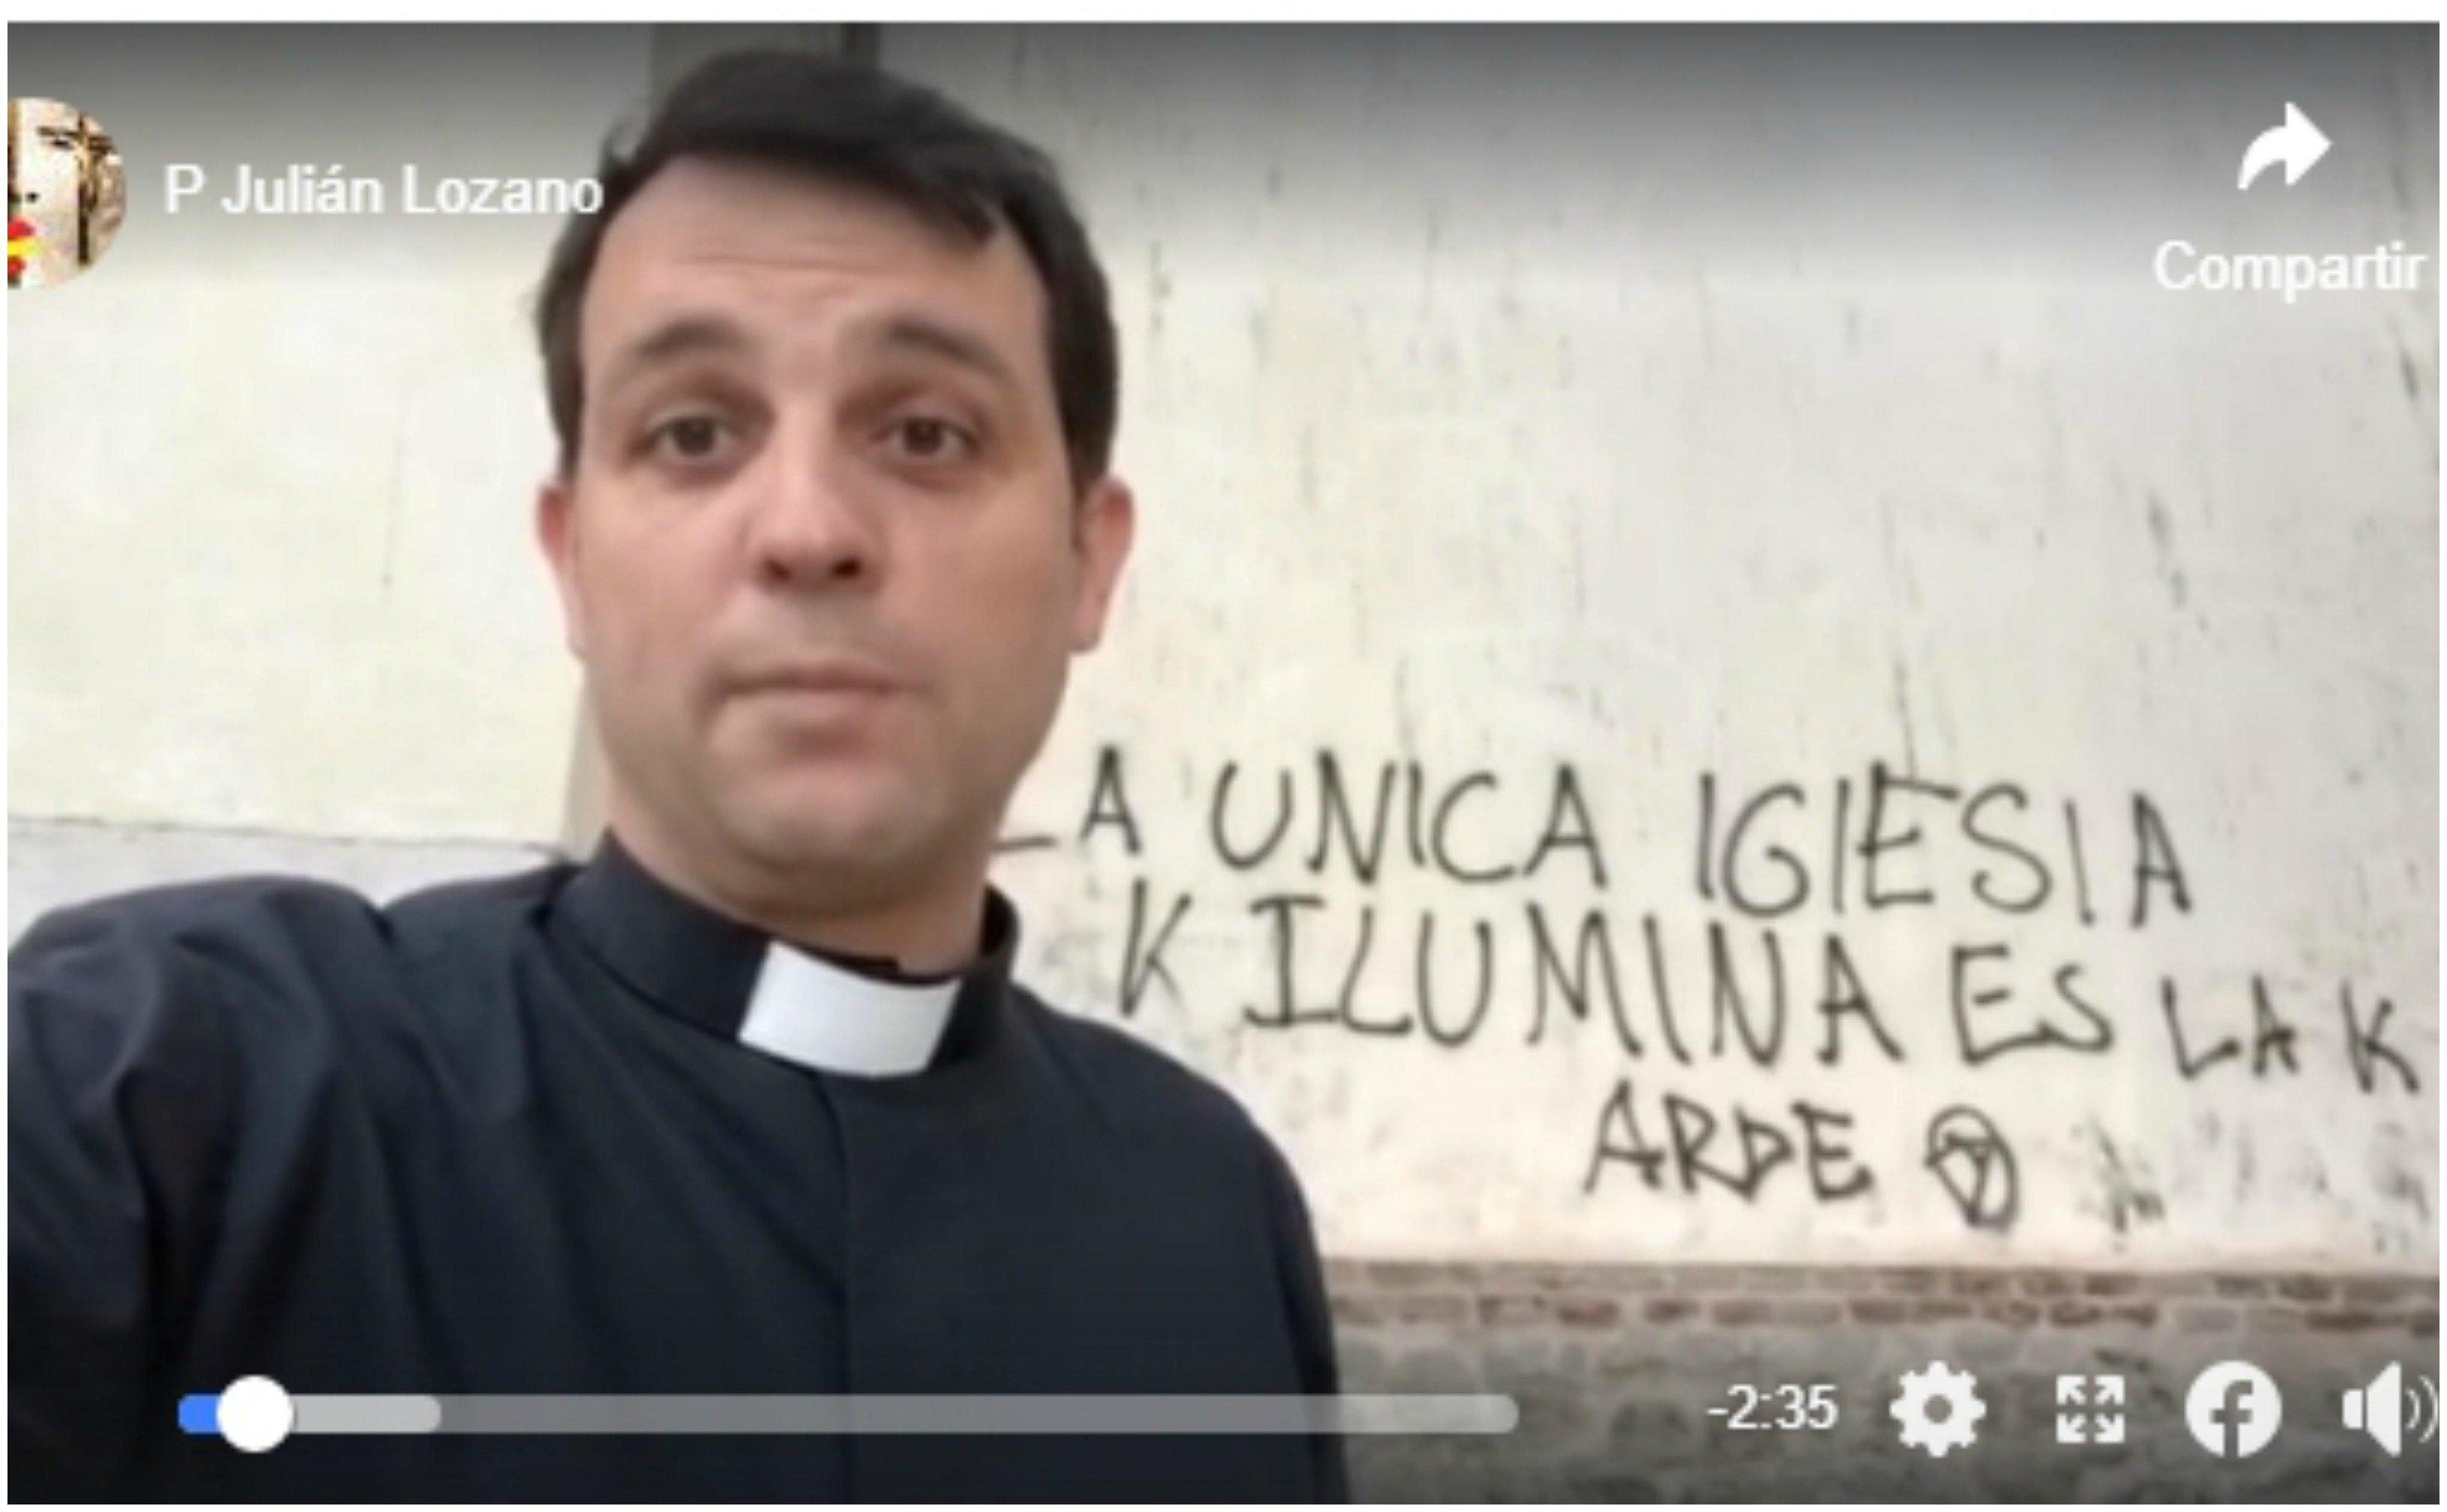 Sí, este cura madrileño tiene razón: la cristofobia se dispara en España. Y el Gobierno Sánchez-Iglesias lo anima